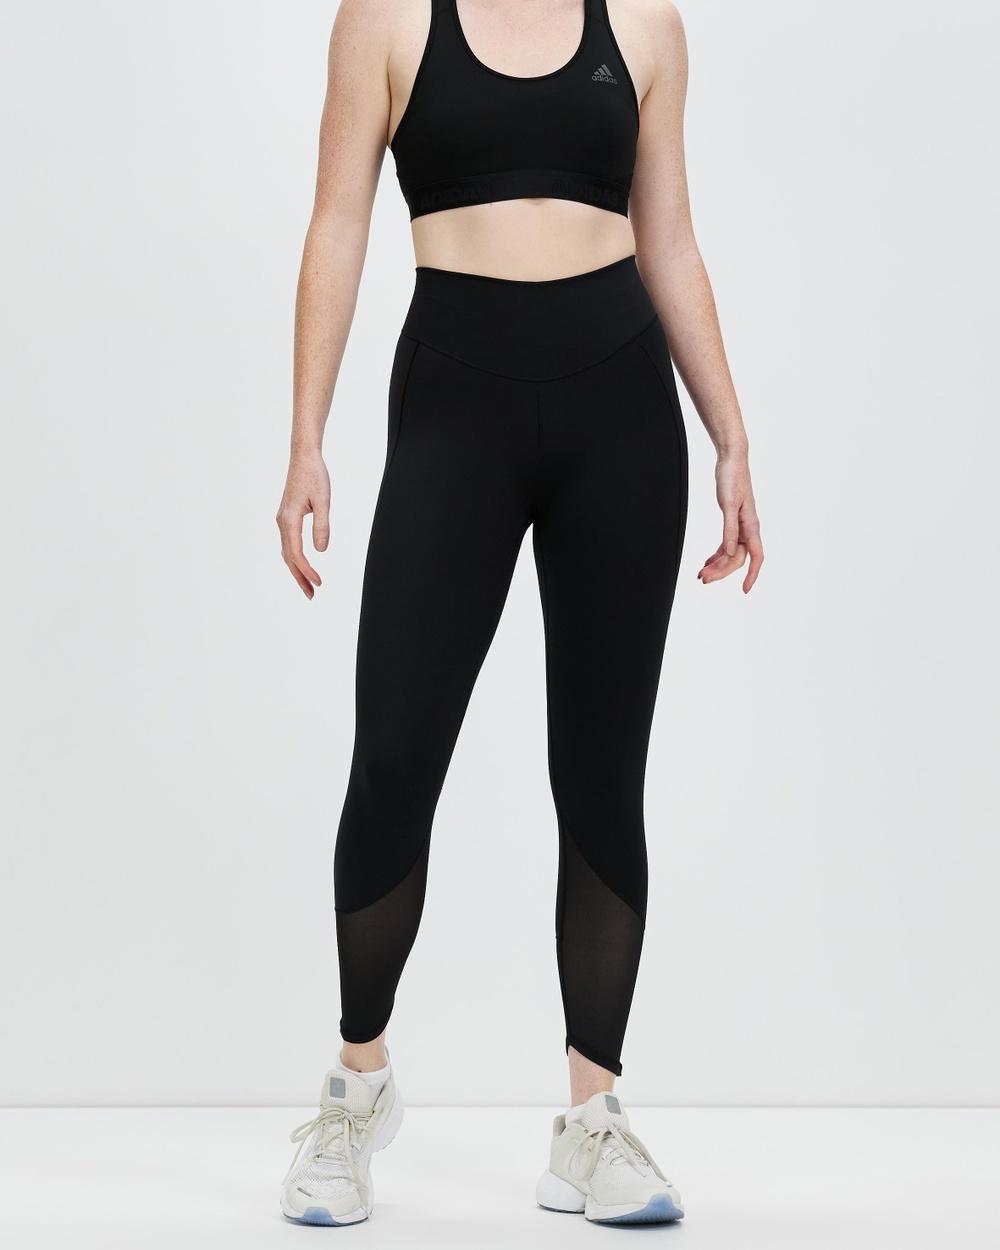 adidas Performance Yoga Power Mesh 7 8 Tights 7/8 Black 7-8